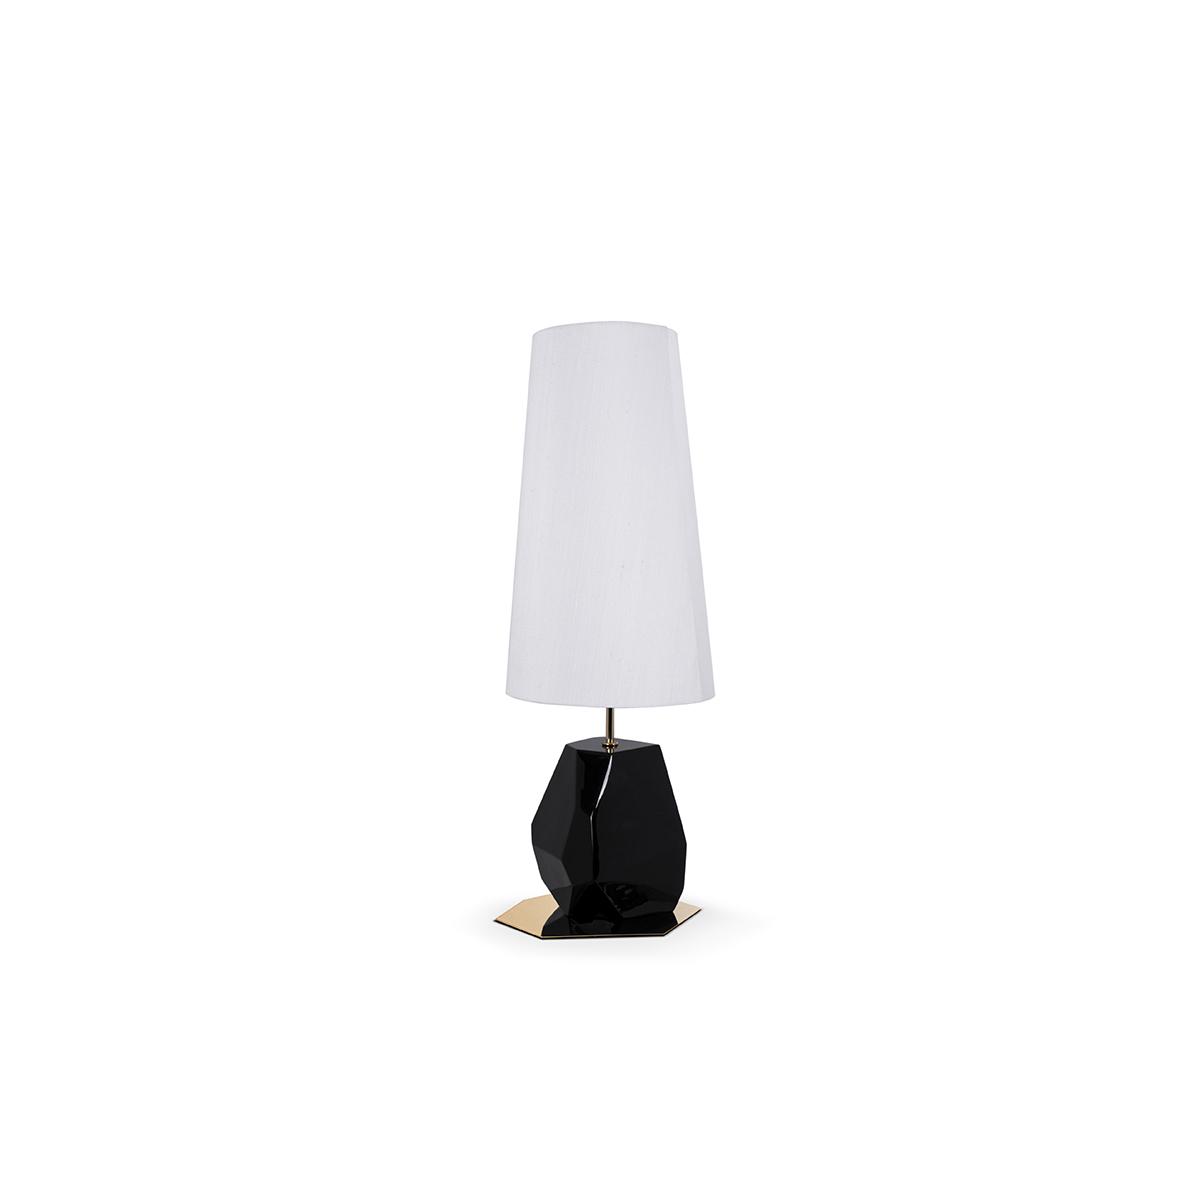 Lámparas de mesa: Ideias poderosas para un proyecto lujuoso lámparas de mesa Lámparas de mesa: Ideias poderosas para un proyecto lujuoso bocadolobo feelsmall table lamp 01